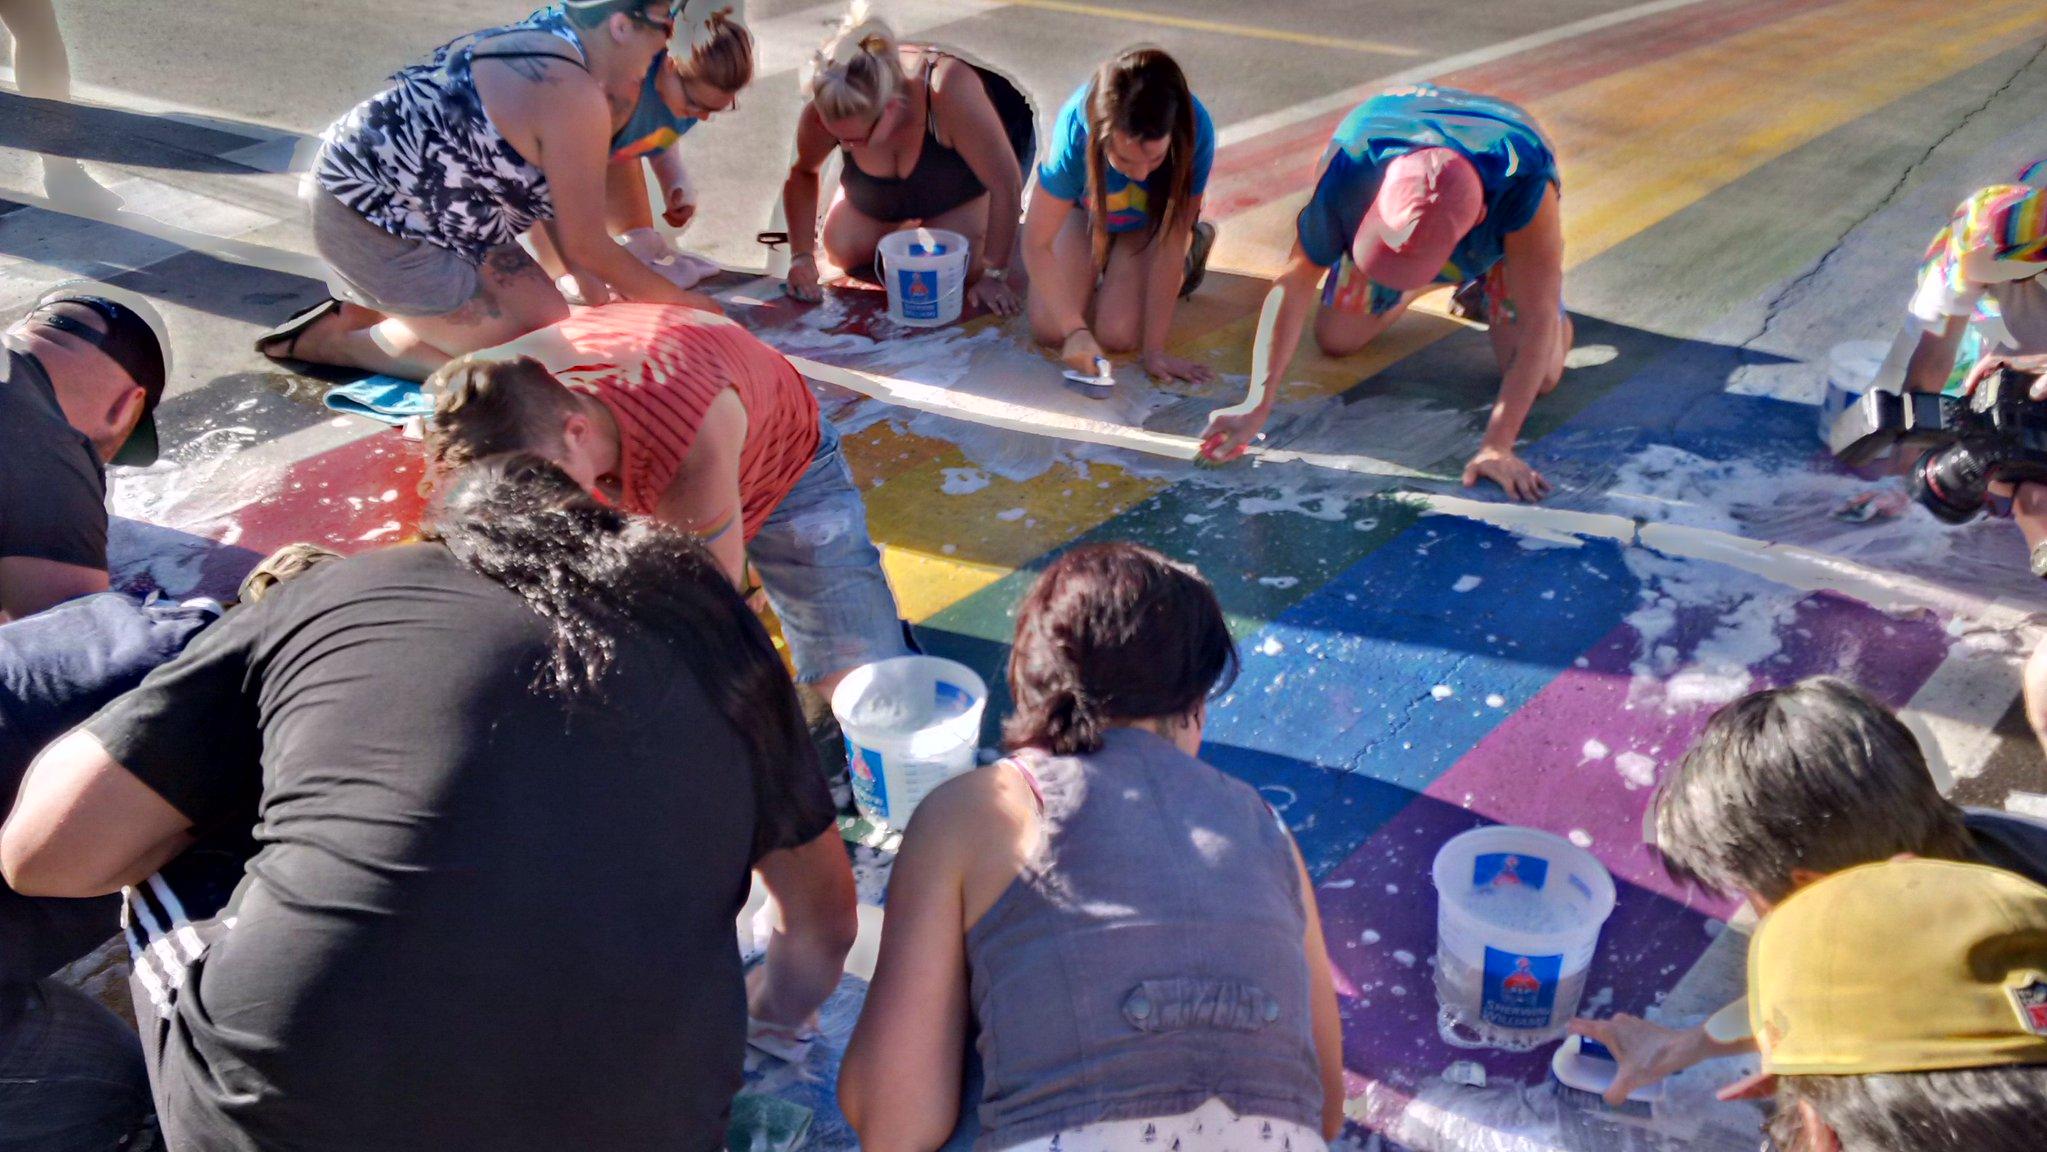 Volunteers gather to clean up Pride crosswalk